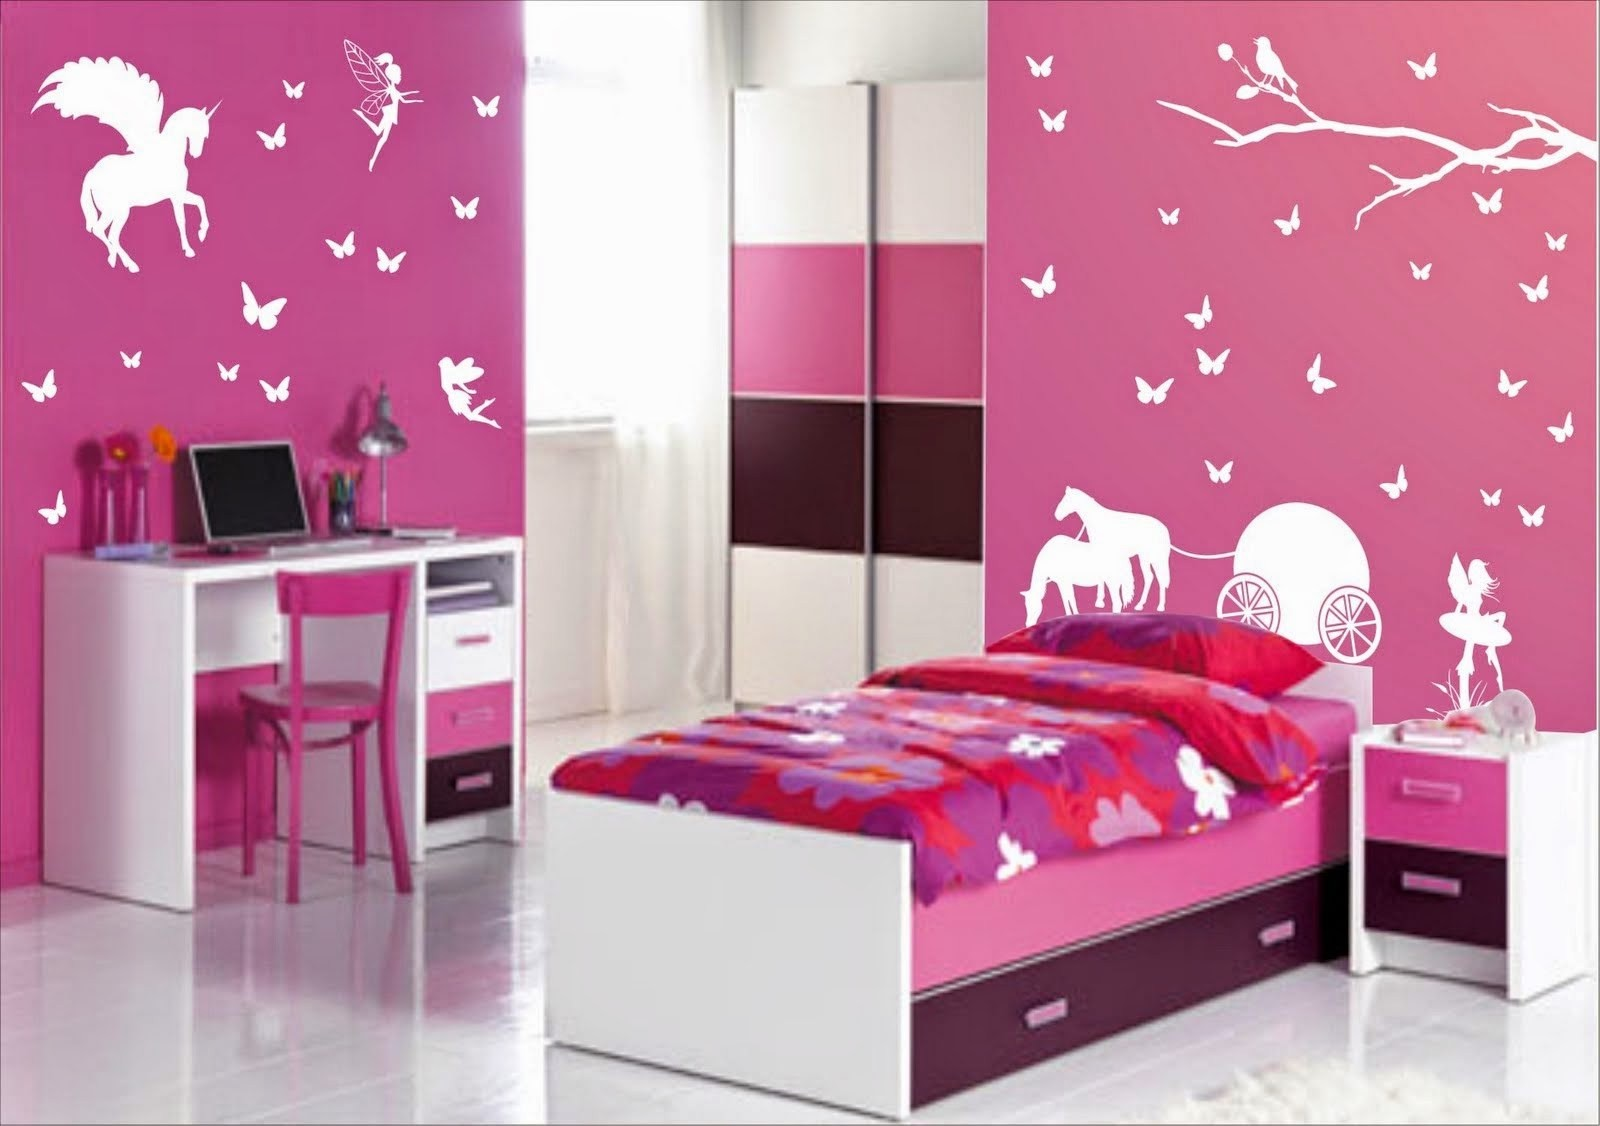 Deco Chambre Fille Ado deco chambre fille lit superposé - chambre : idées de